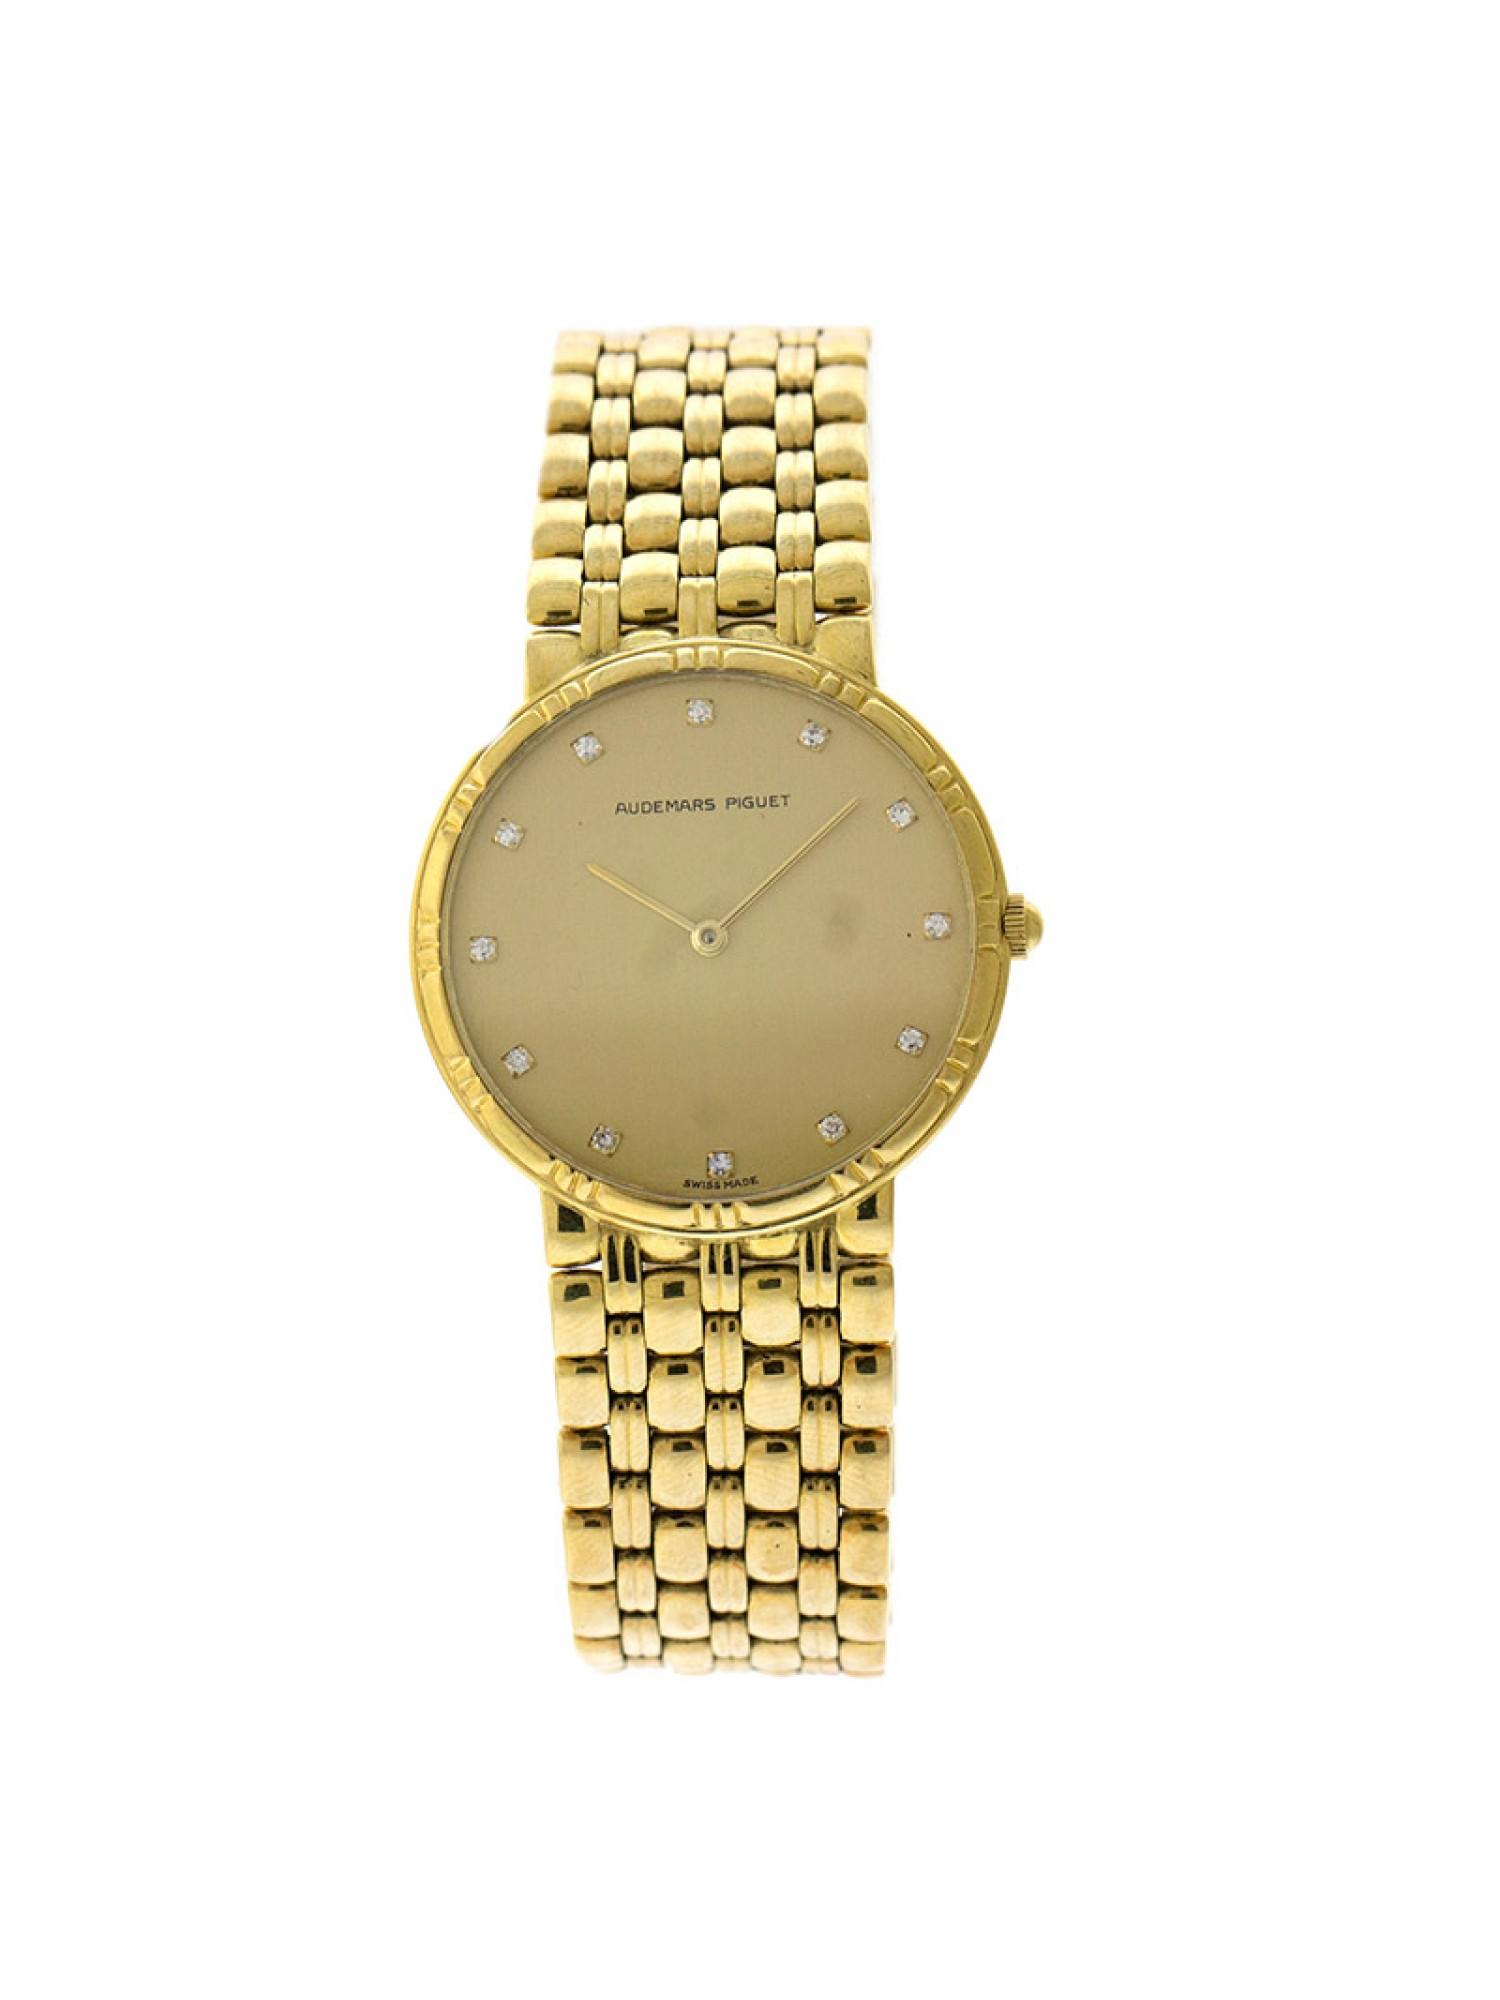 Audemars Piguet Womens 32.7mm Watch WAP1033NRDCR Pre-Owned